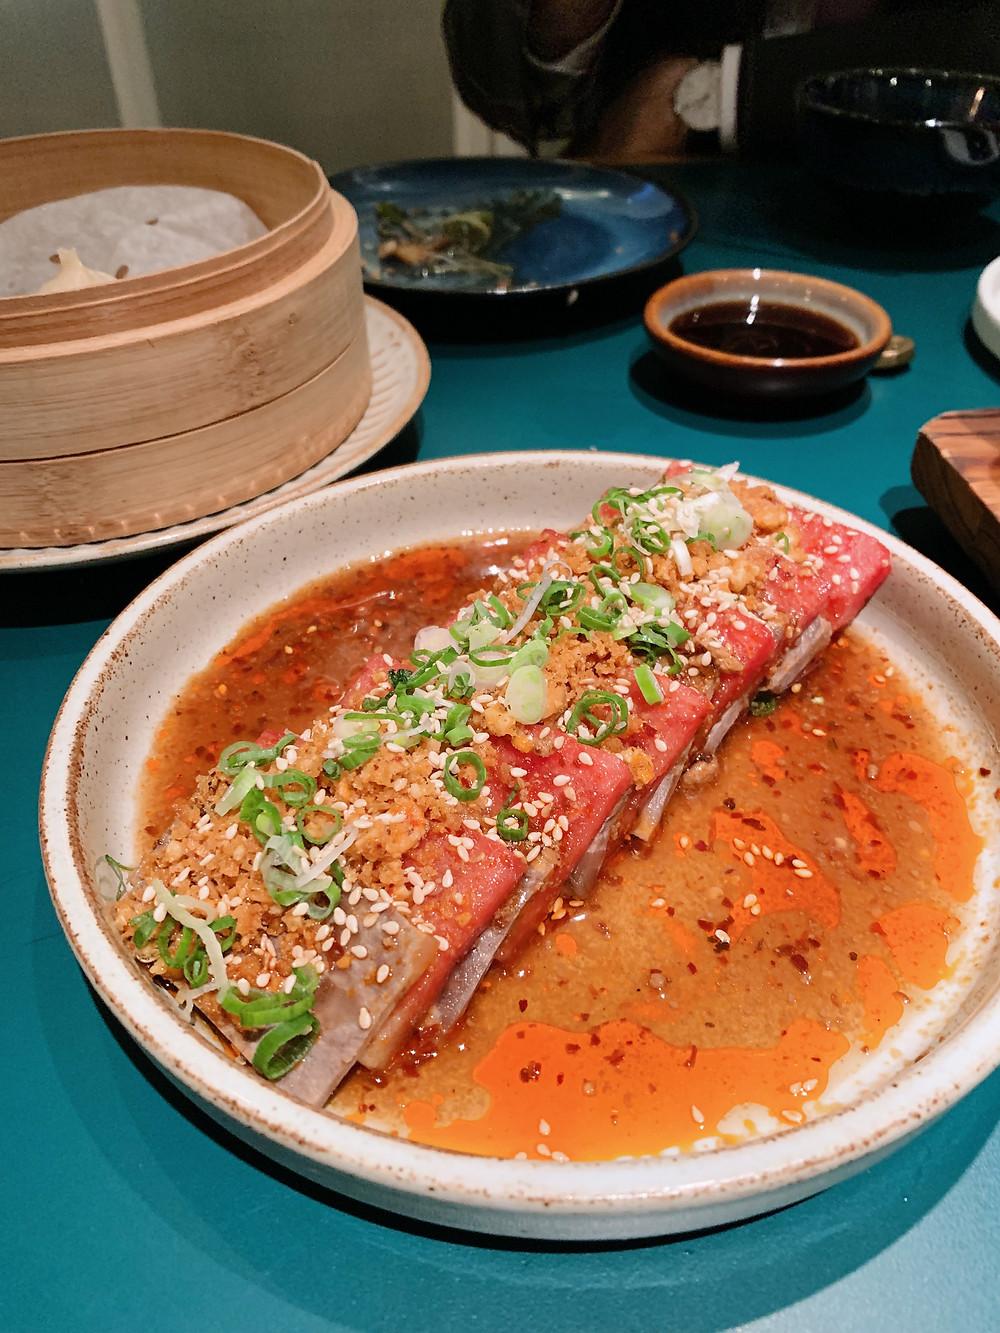 Food at John Anthony restaurant in Hong Kong